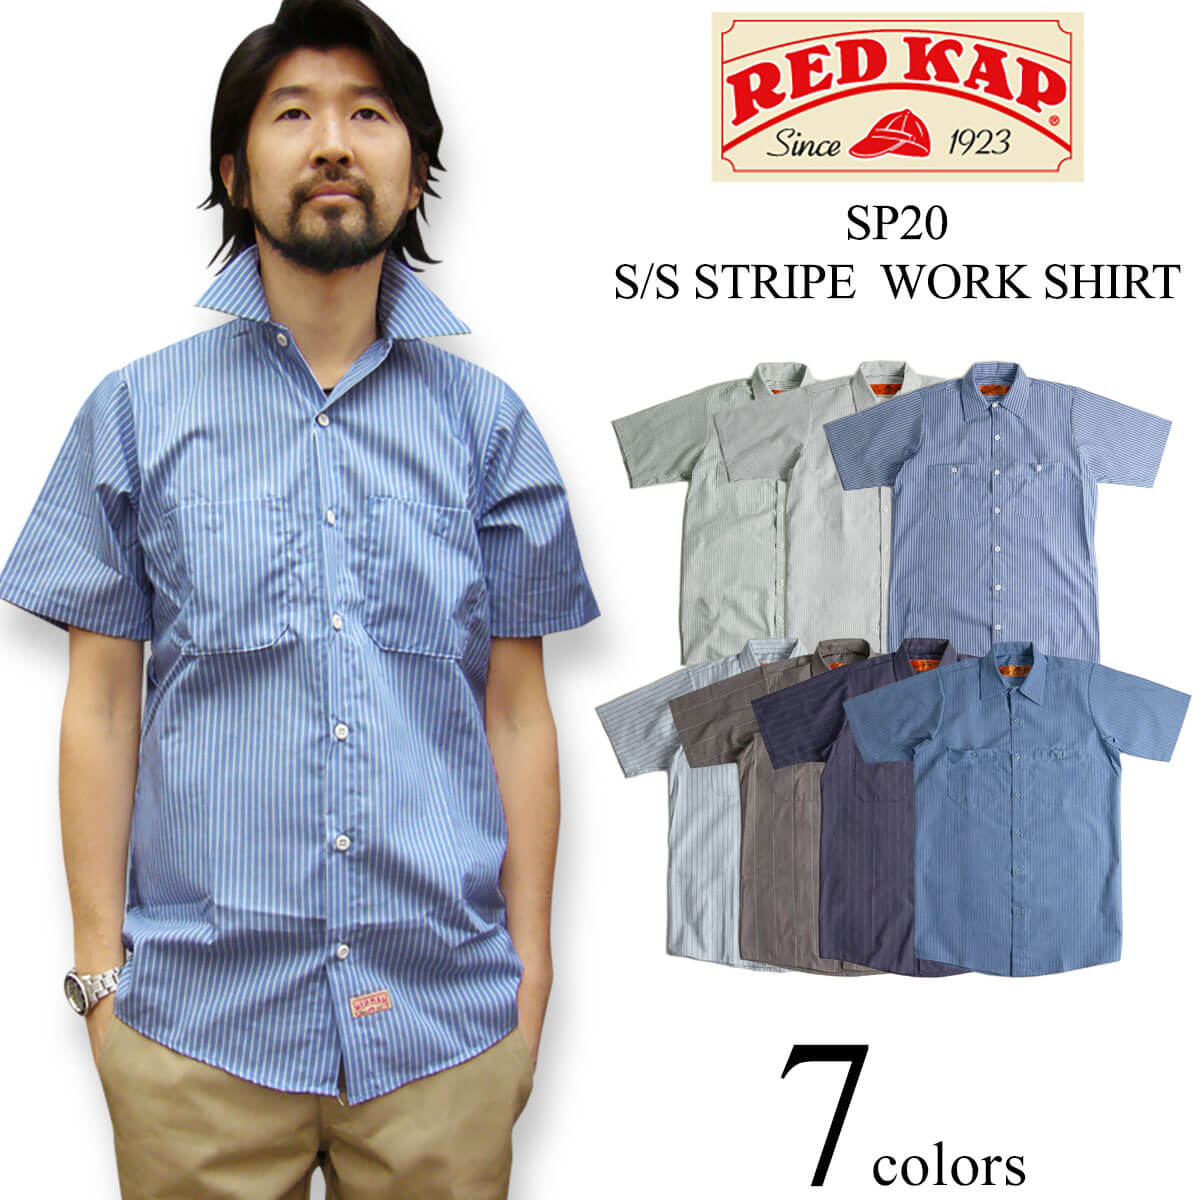 レッドキャップ REDKAP #SP20 半袖 ストライプ ワークシャツ BIG SIZE(大きいサイズ INDUSTRIAL STRIPE S/S WORK SHIRT)